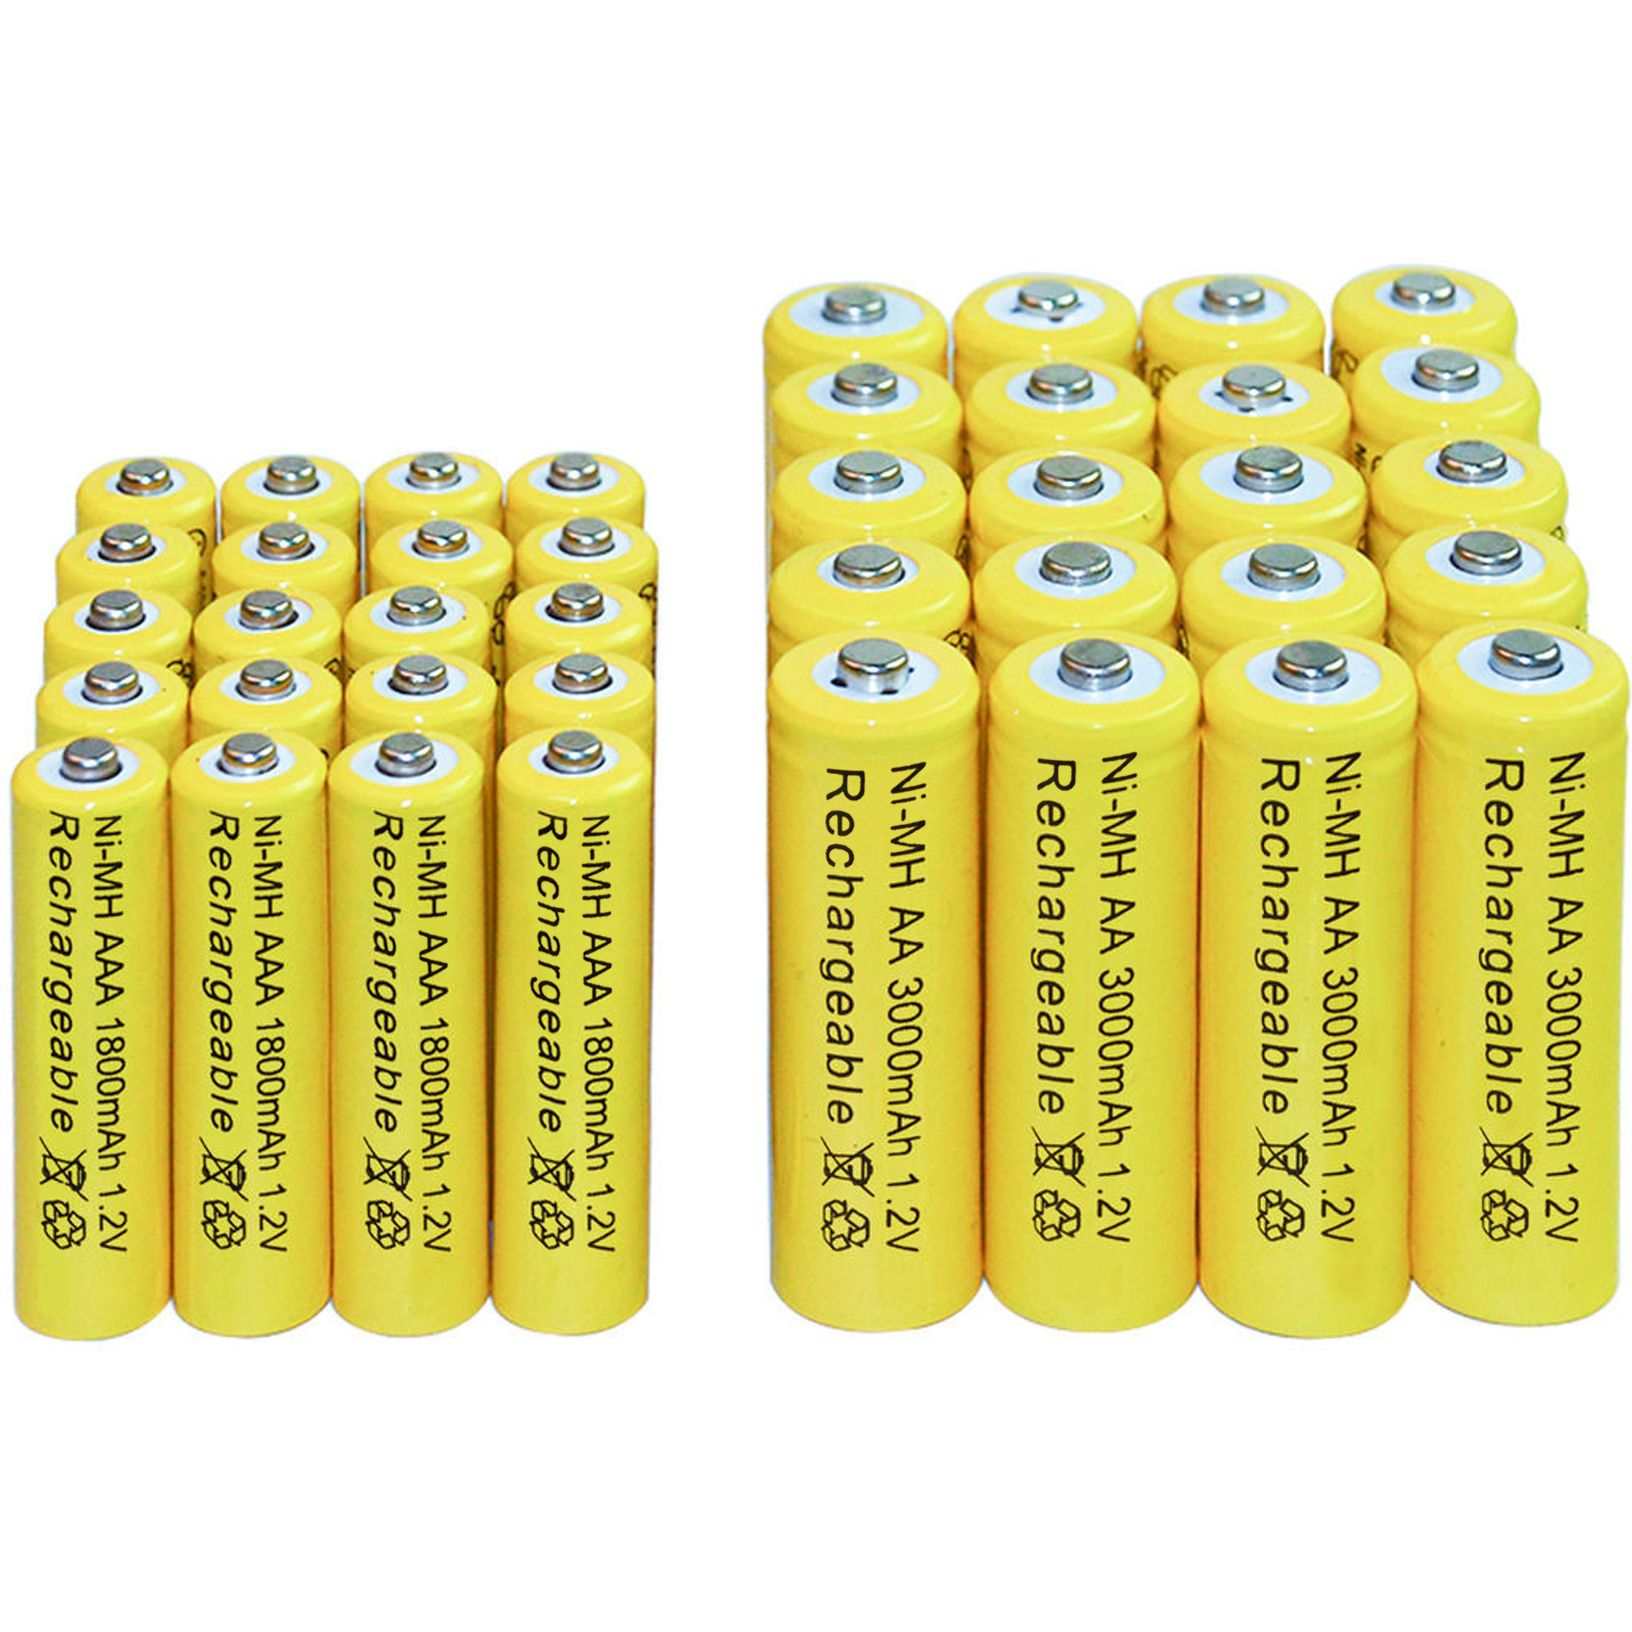 4/10/16/20/24/30/40 pièces AA 3000 mAh + AAA 1800 mAh 1.2 v Ni-MH batterie rechargeable portable jaune Livraison gratuite torche led Jouets RC